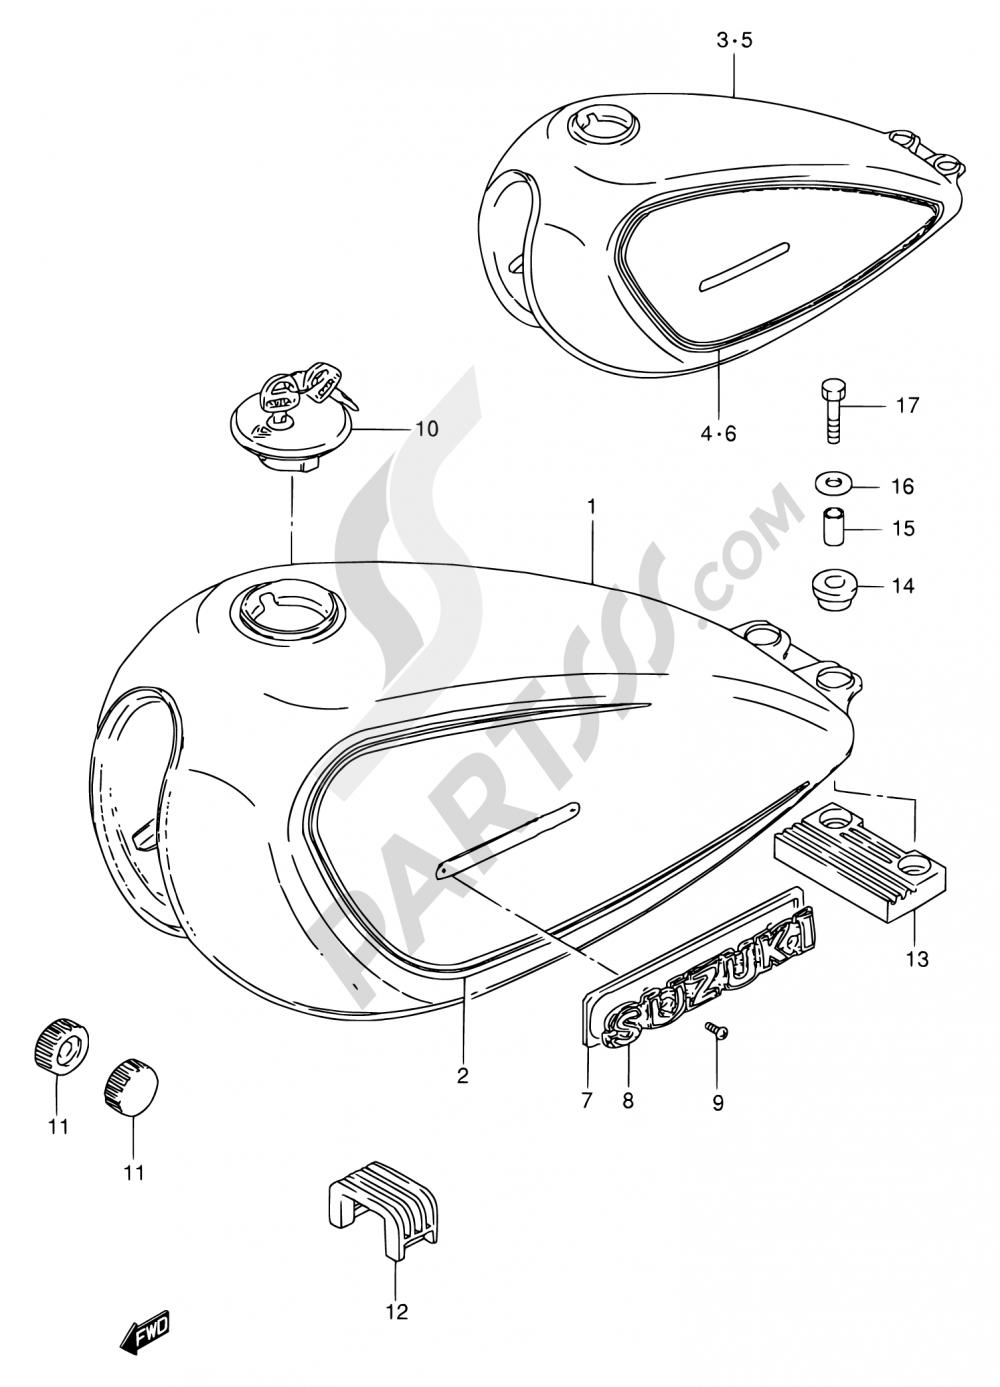 37 - FUEL TANK (MODEL T/W) Suzuki GN250 1998